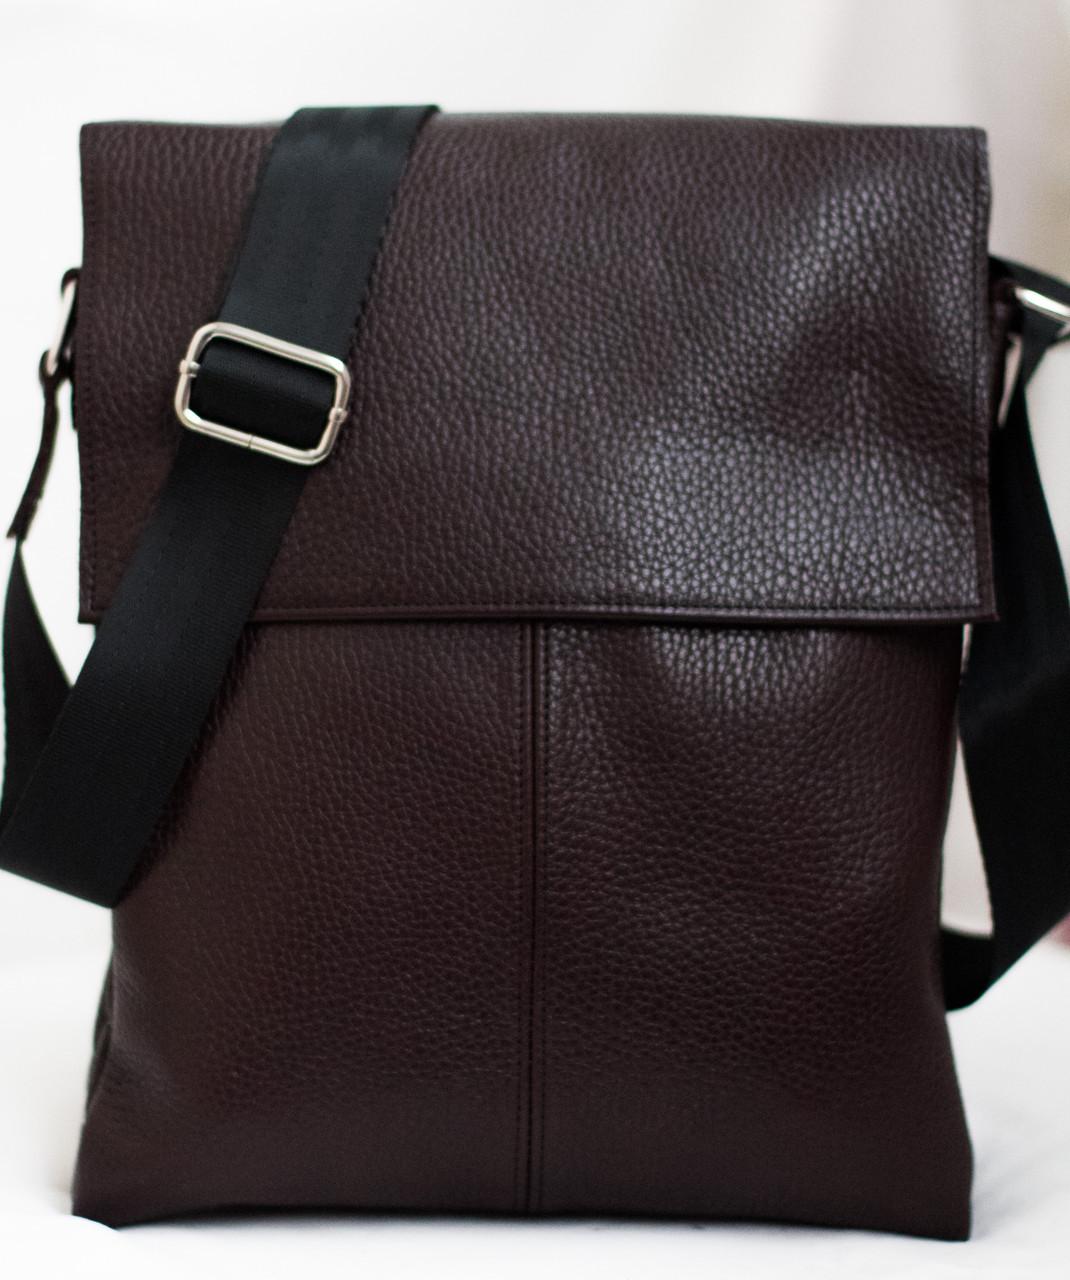 Мужская кожаная сумка коричневая 29х24 см. Мужская сумка из натуральной кожи